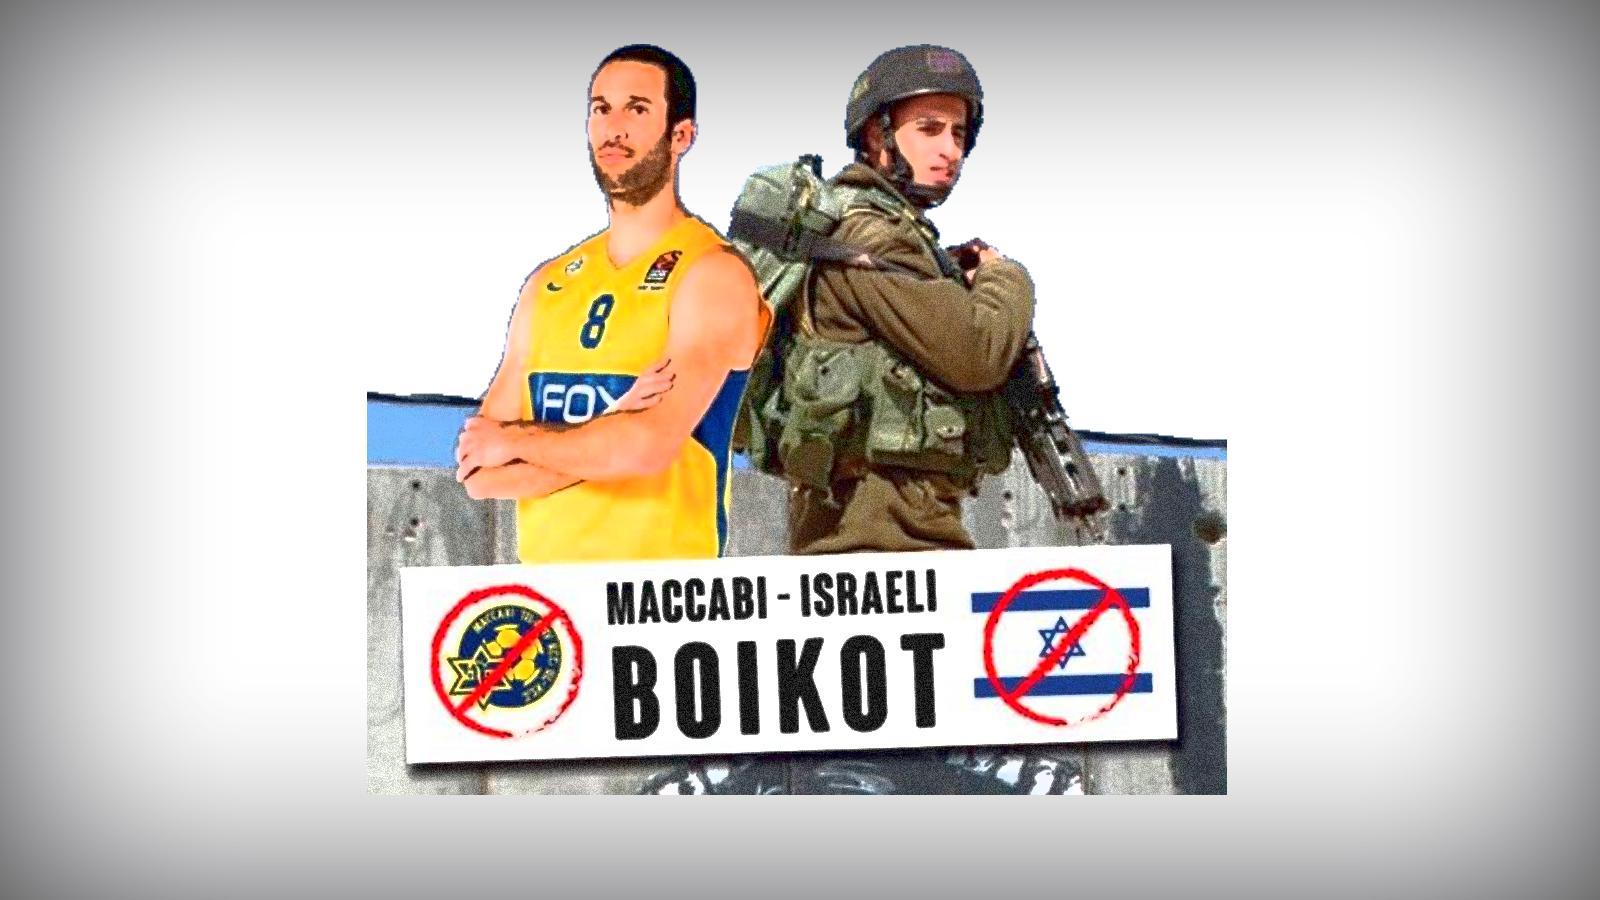 Diferentes  activistas  BDS  de  Gaza  y  Gasteiz  llaman  al  boicot  ante  la  visita  del  Maccabi